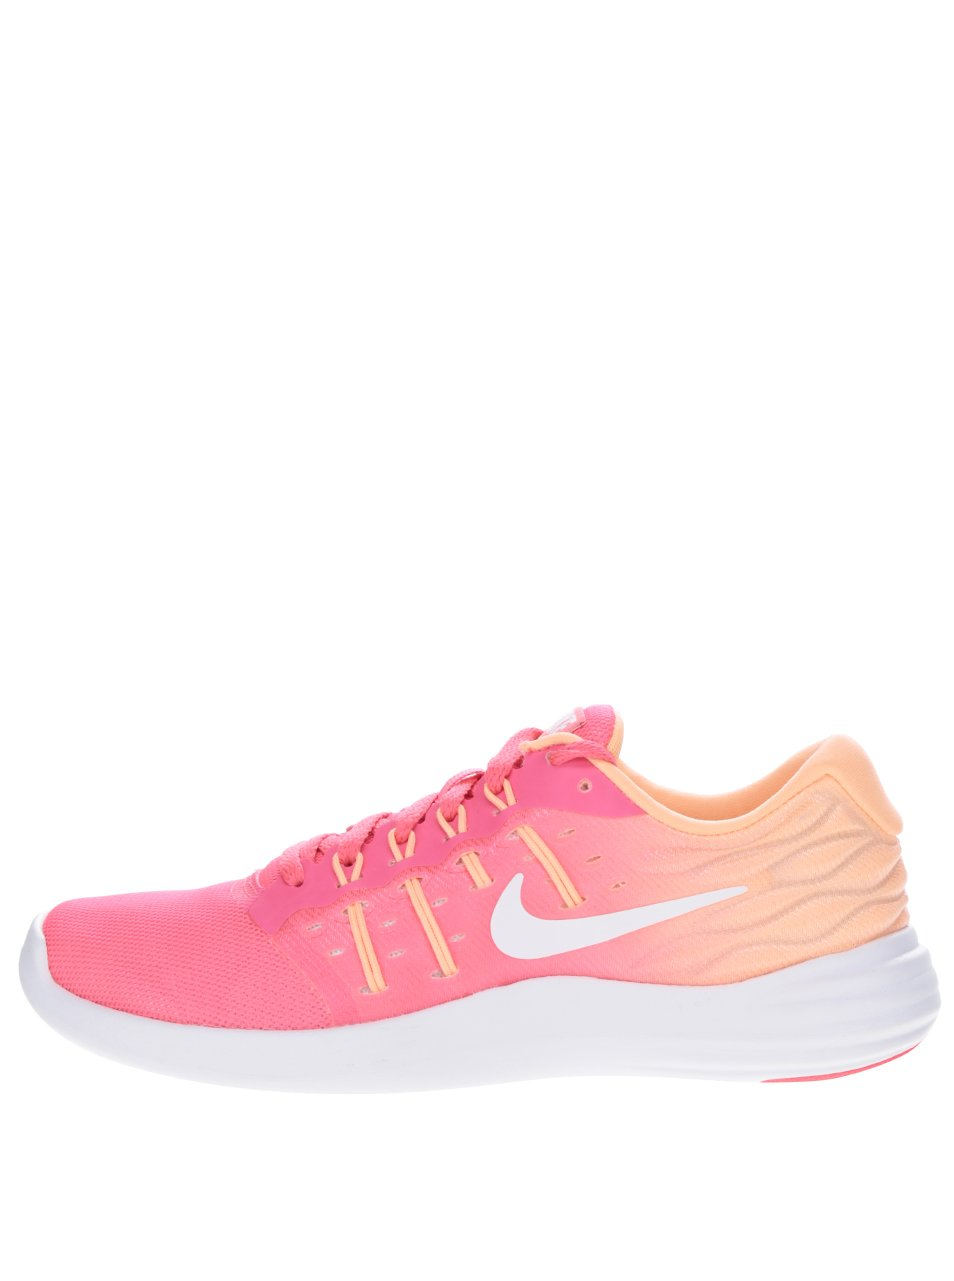 Růžovo-oranžové dámské tenisky Nike Lunarstelos